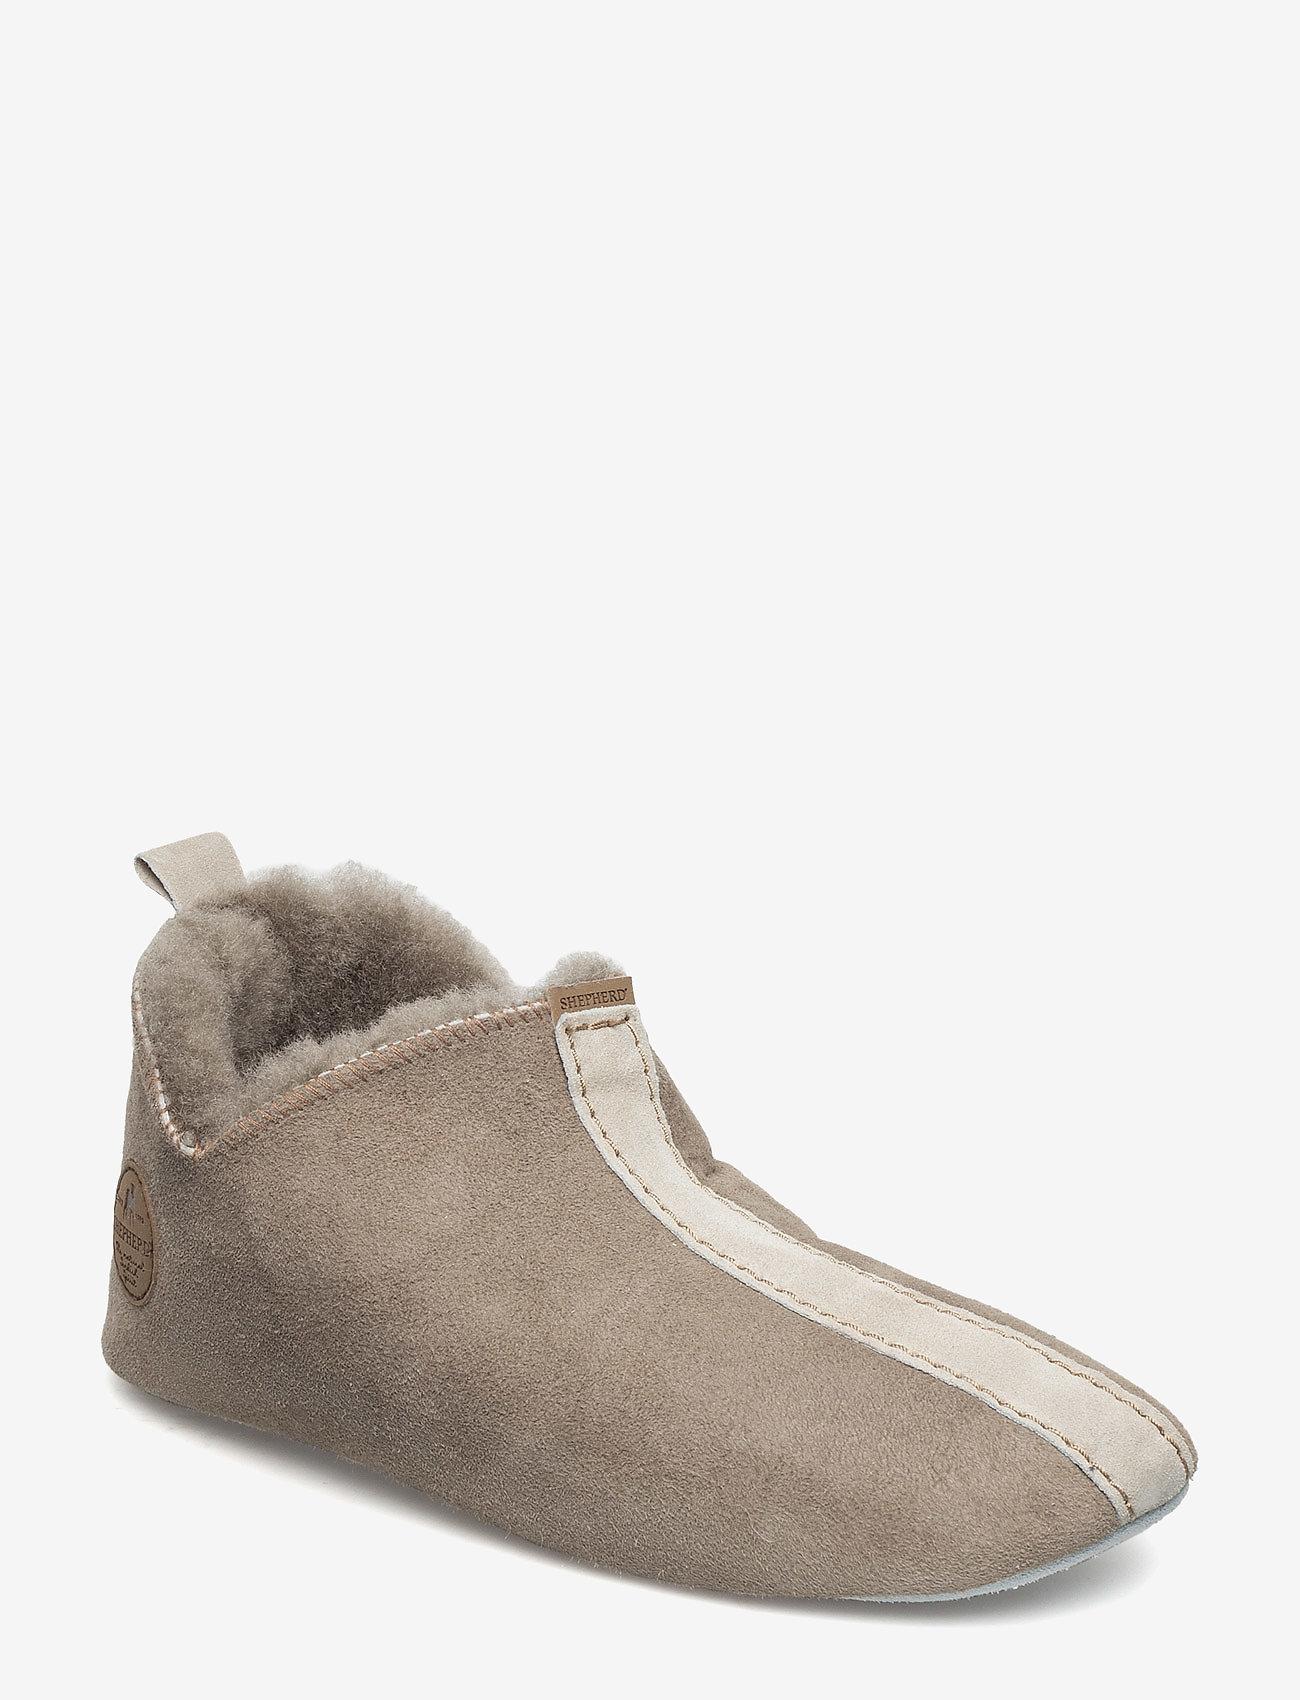 Shepherd - Lina - kapcie - stone - 0